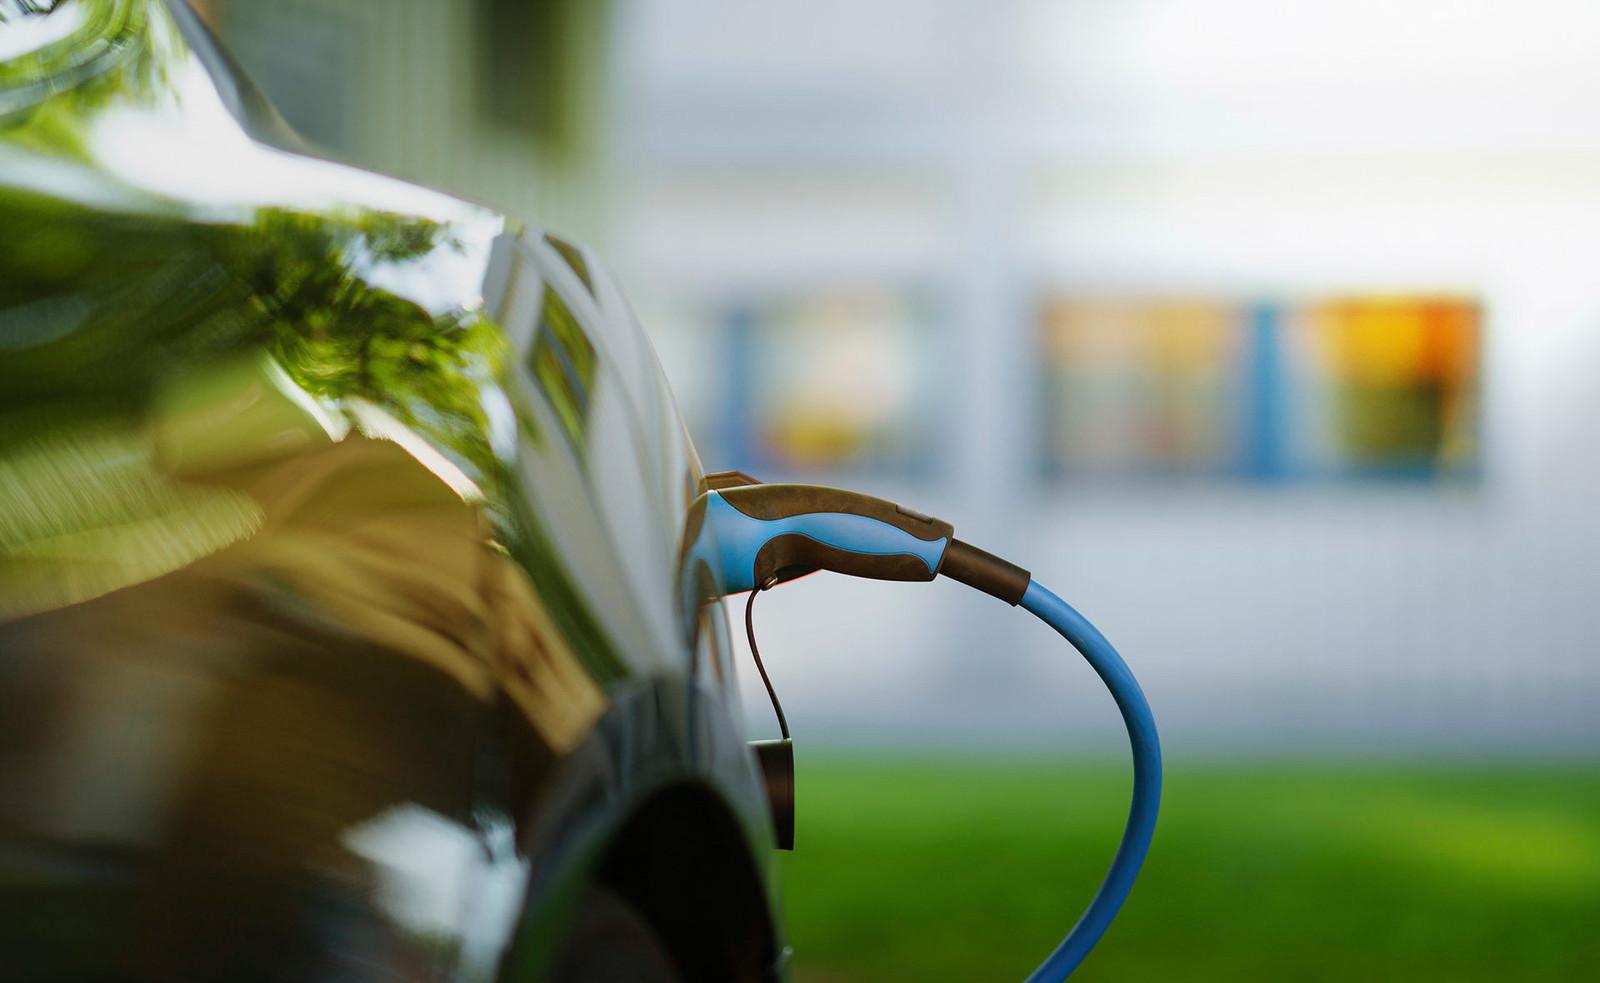 Financiamiento sostenible de BBVA para coches híbridos y eléctricos